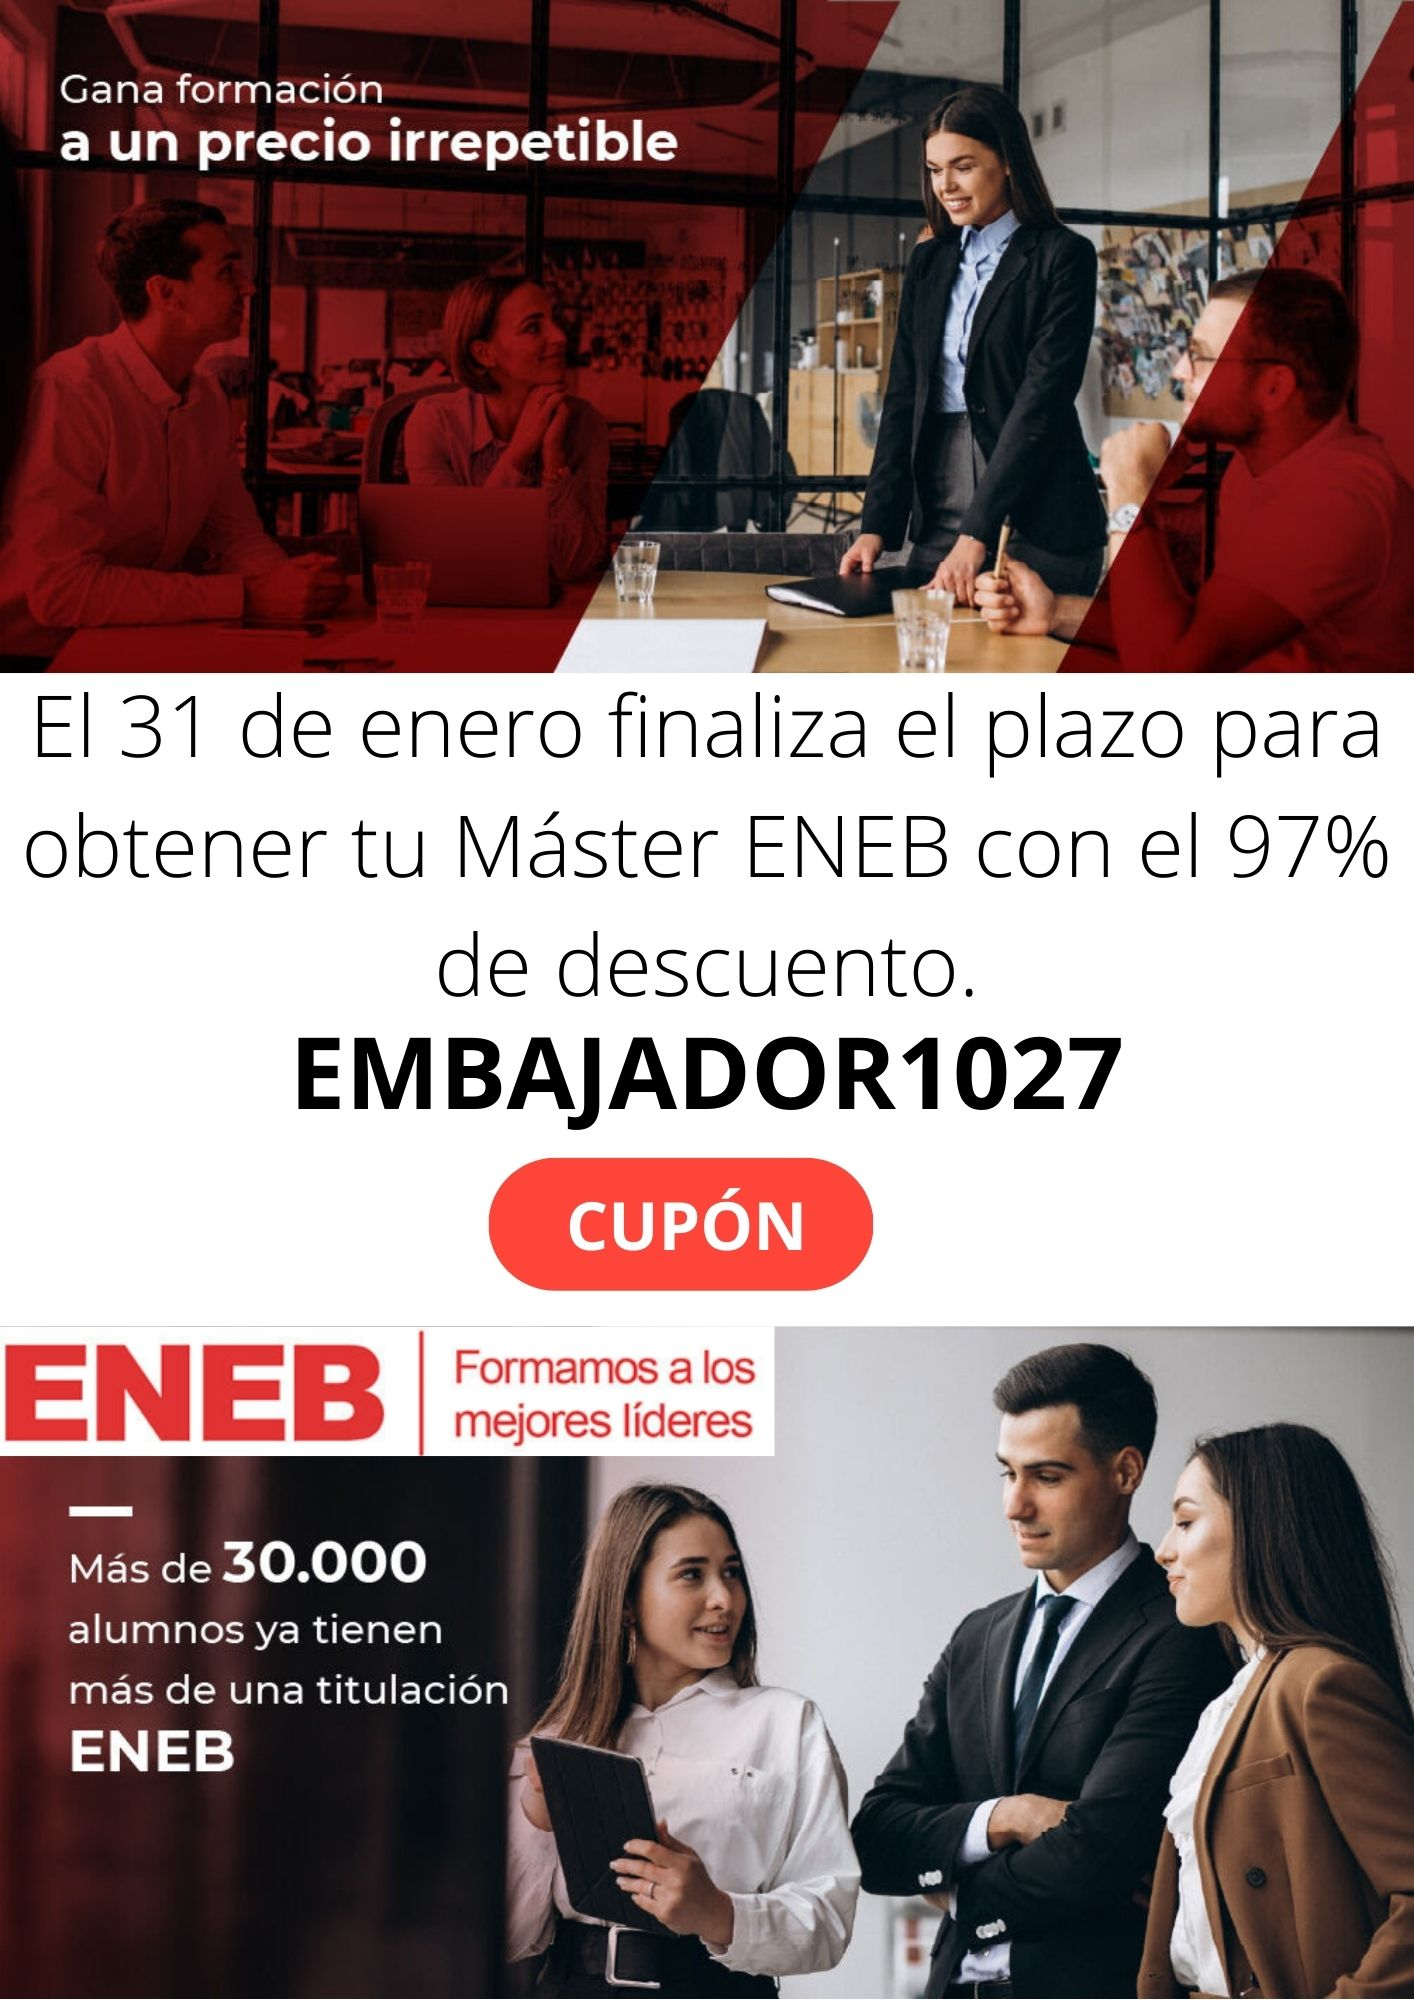 CUPÓN EMBAJADOR1027